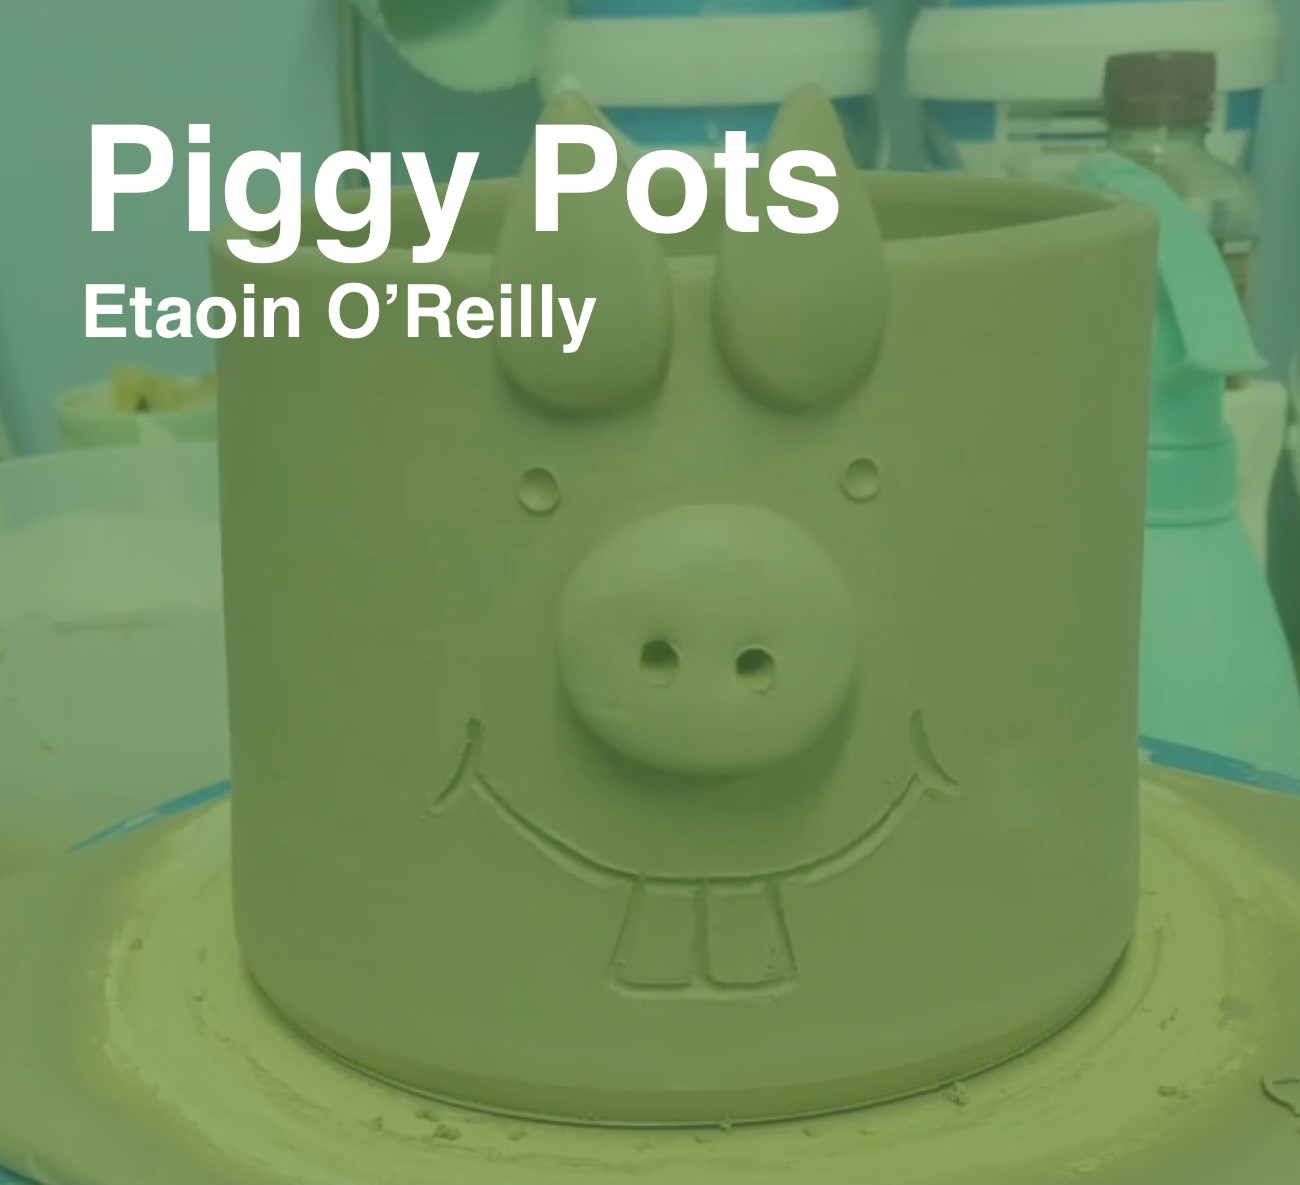 Friday Art Class - Piggy Pots